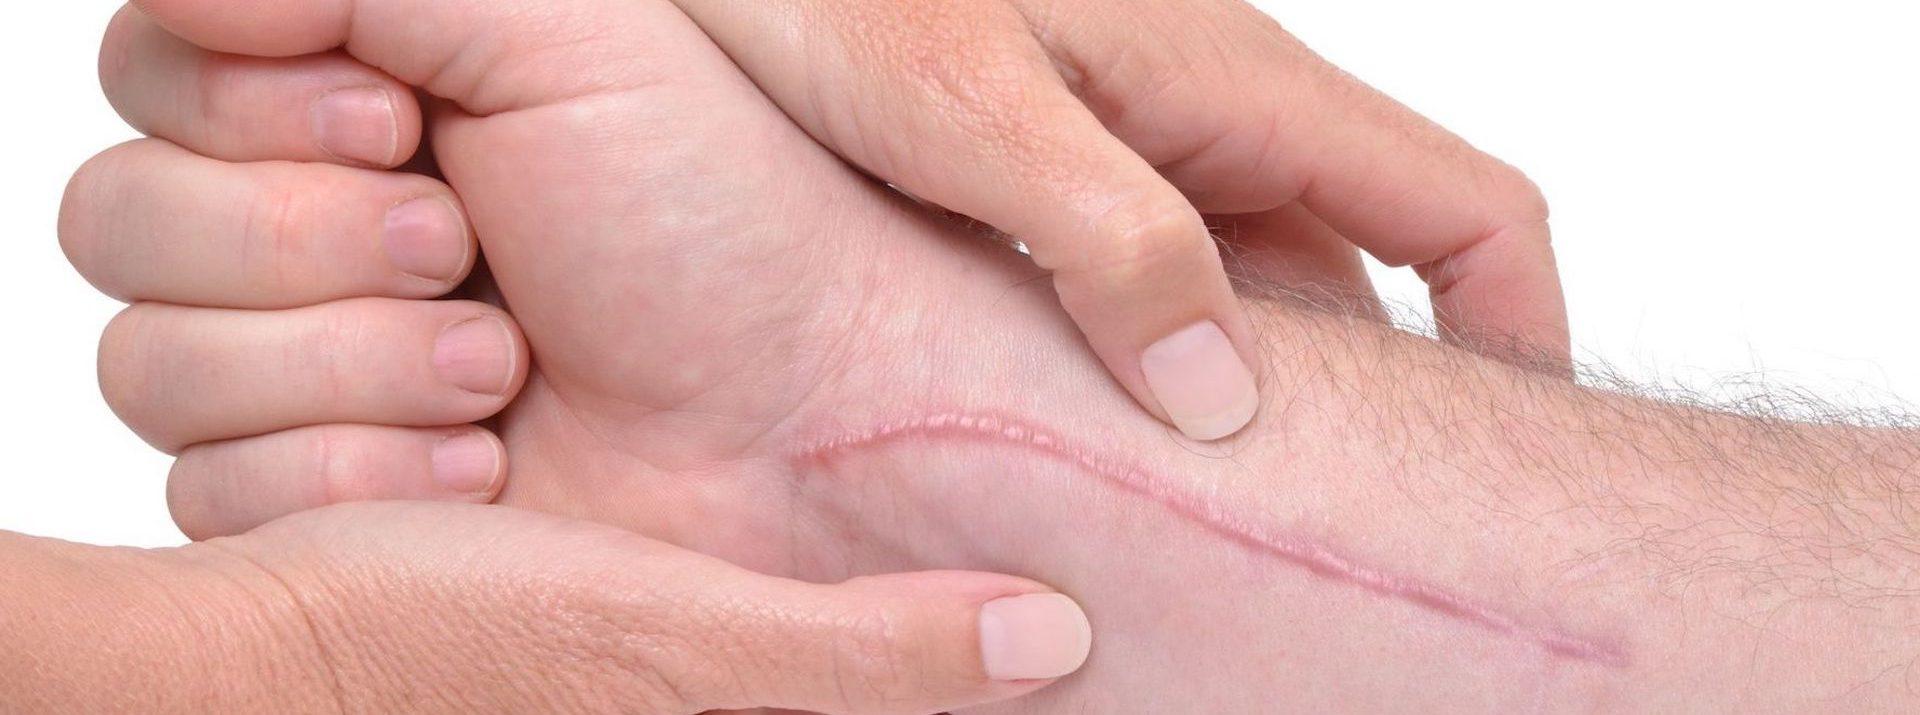 Litteken littekenmassage littekentherapie littekenbehandeling huidtherapie Huidtotaal Arnhem